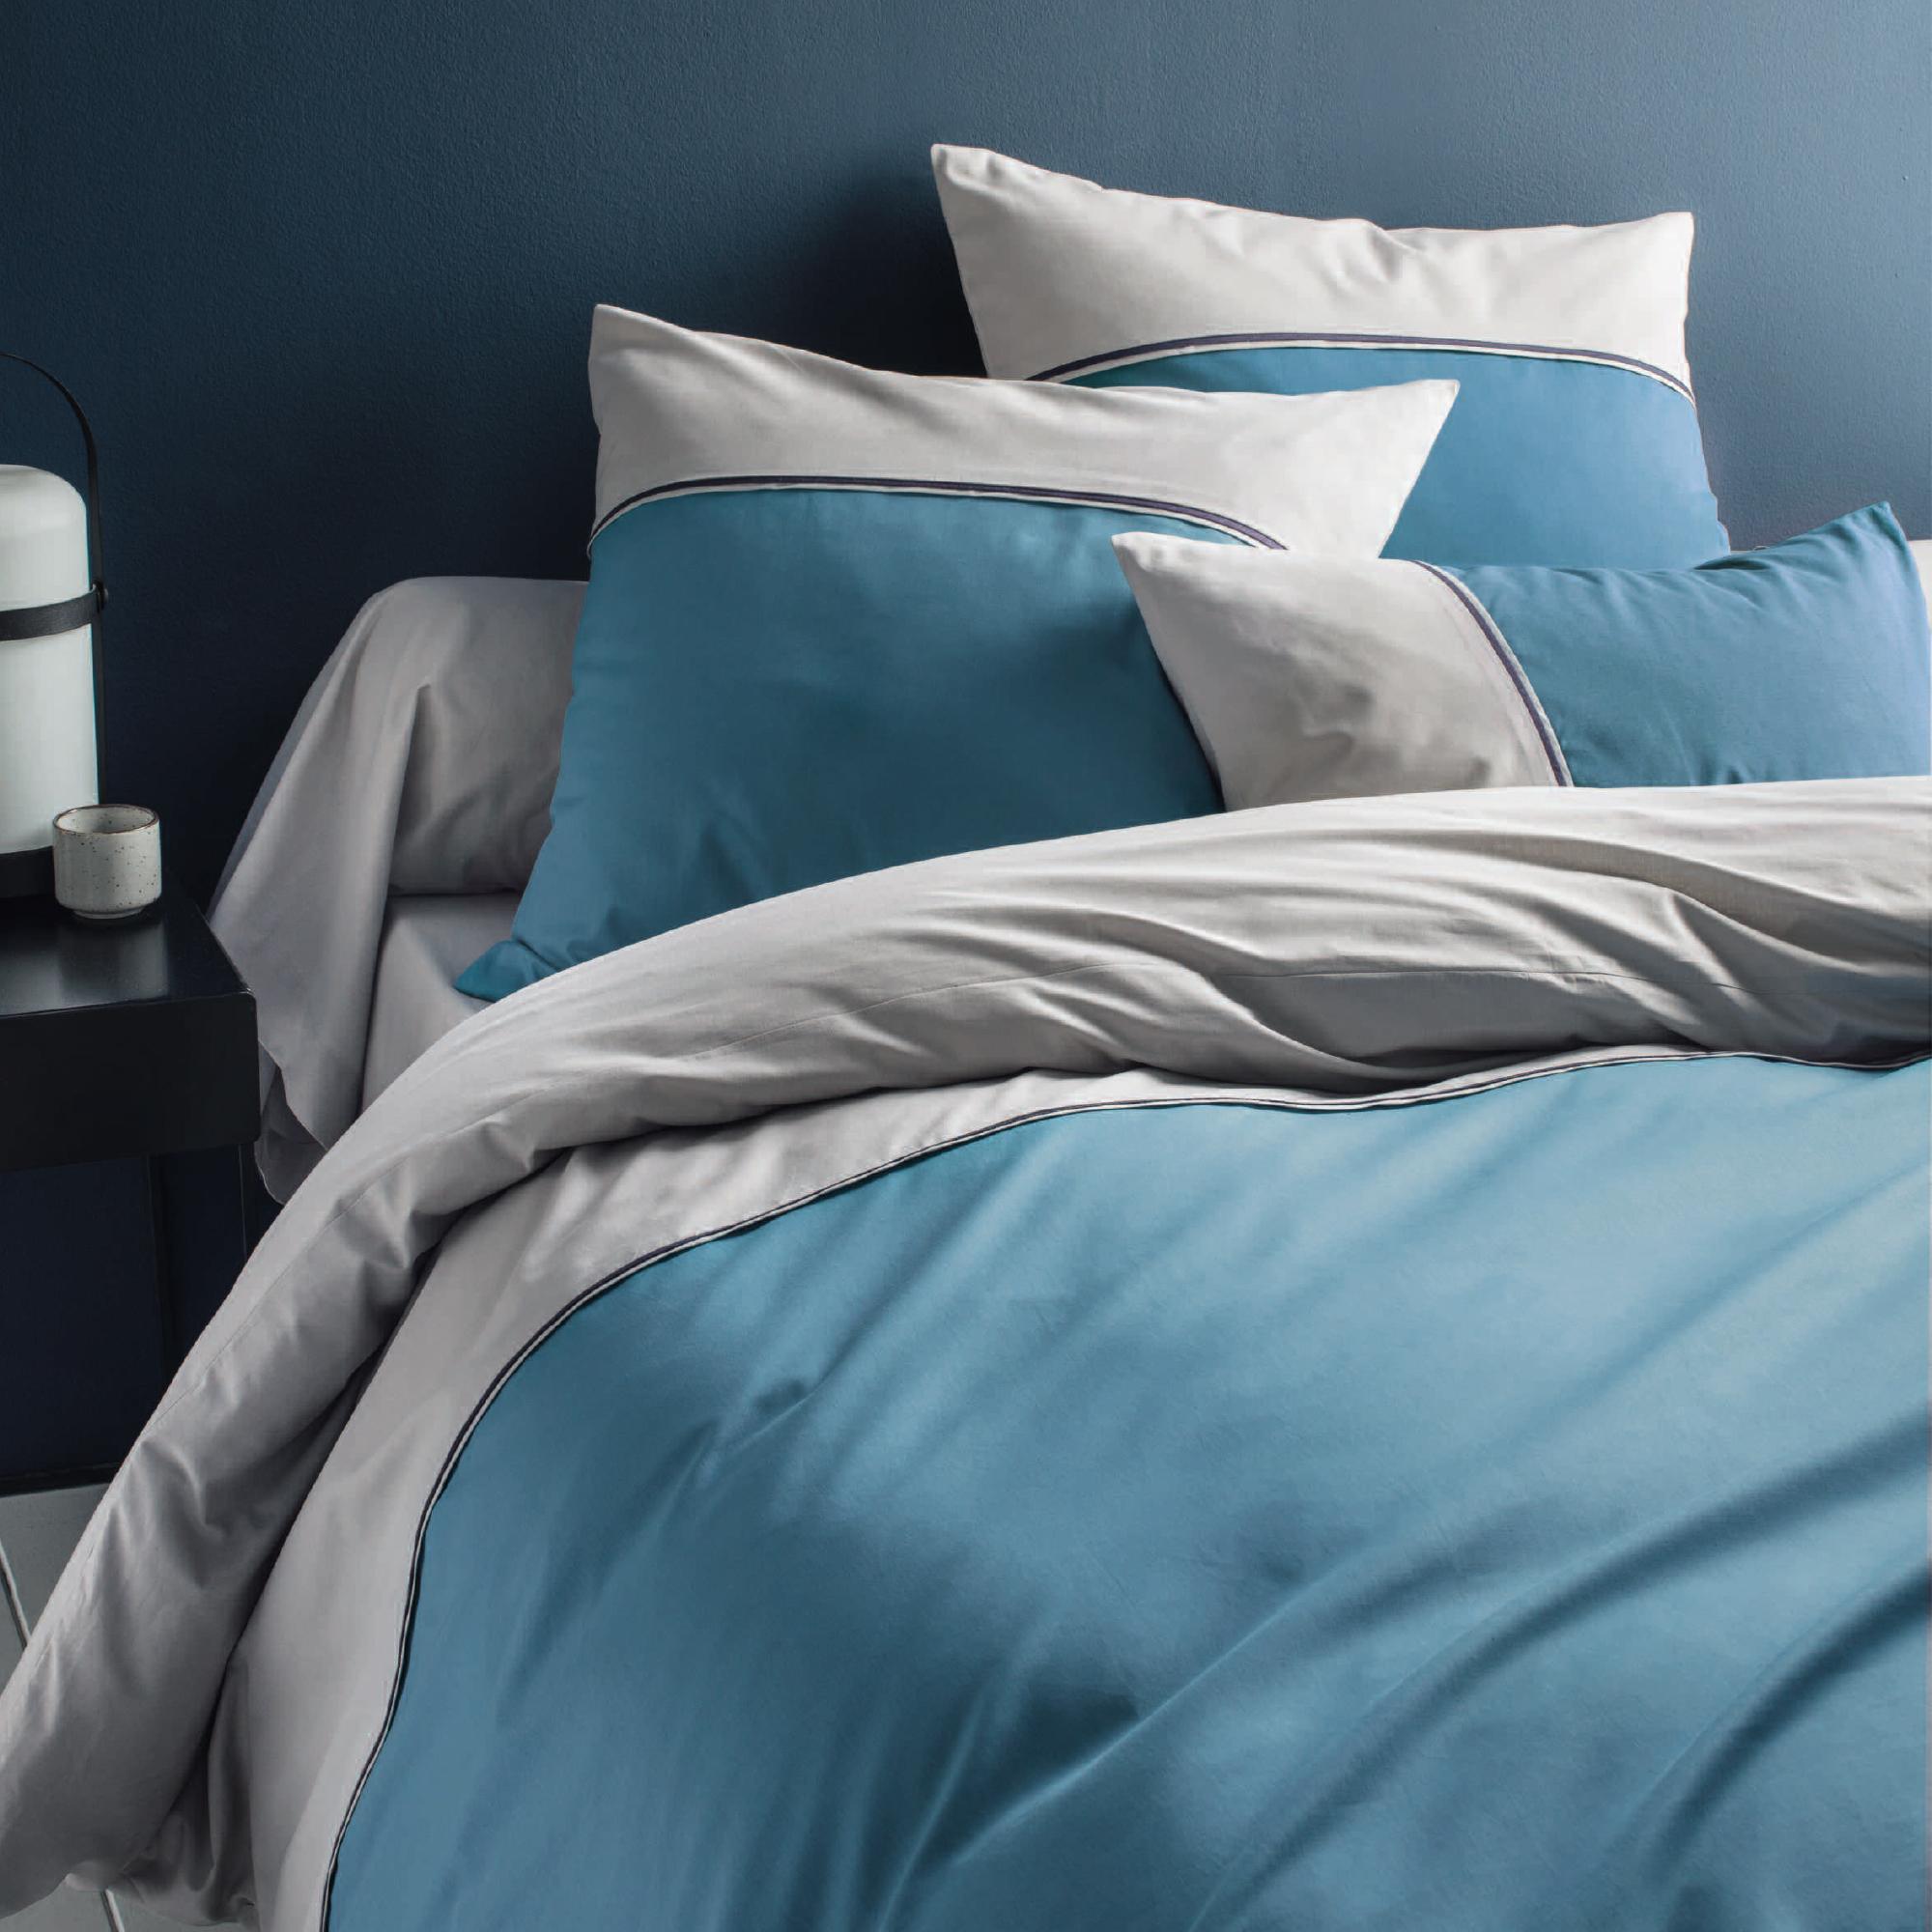 Parure de lit imprimée en coton turquoise 200x200